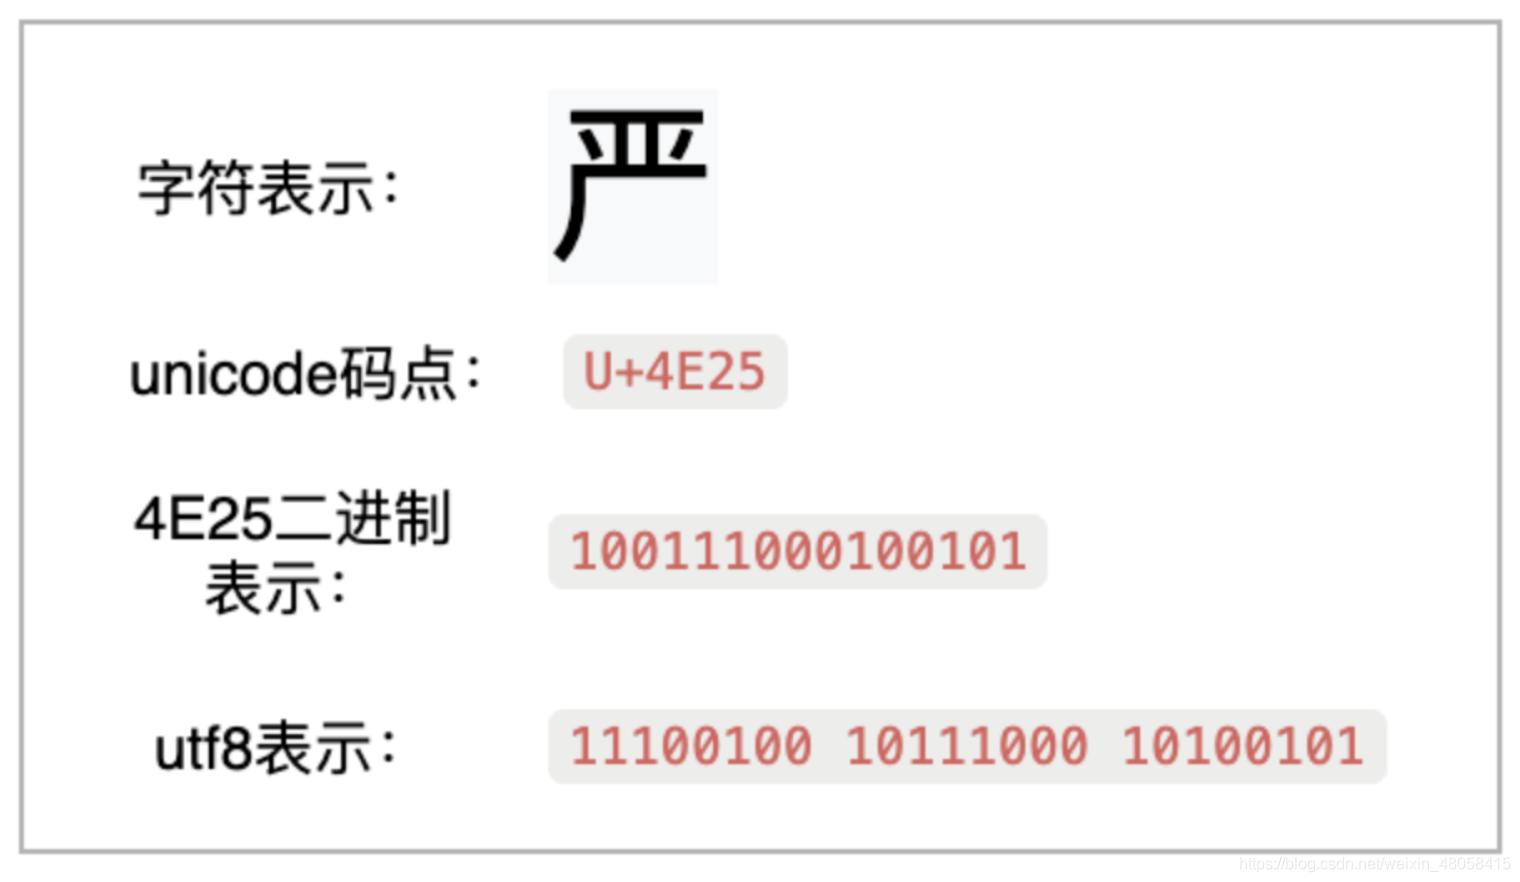 [外链图片转存失败,源站可能有防盗链机制,建议将图片保存下来直接上传(img-3yU0gpEb-1614333267515)(%E5%BD%BB%E5%BA%95%E6%90%9E%E6%B8%85unicode%E3%80%81utf8%E5%92%8Cutf8mb4%20ccefc7a932a14295b1f28eac20ef1733/Untitled%204.png)]